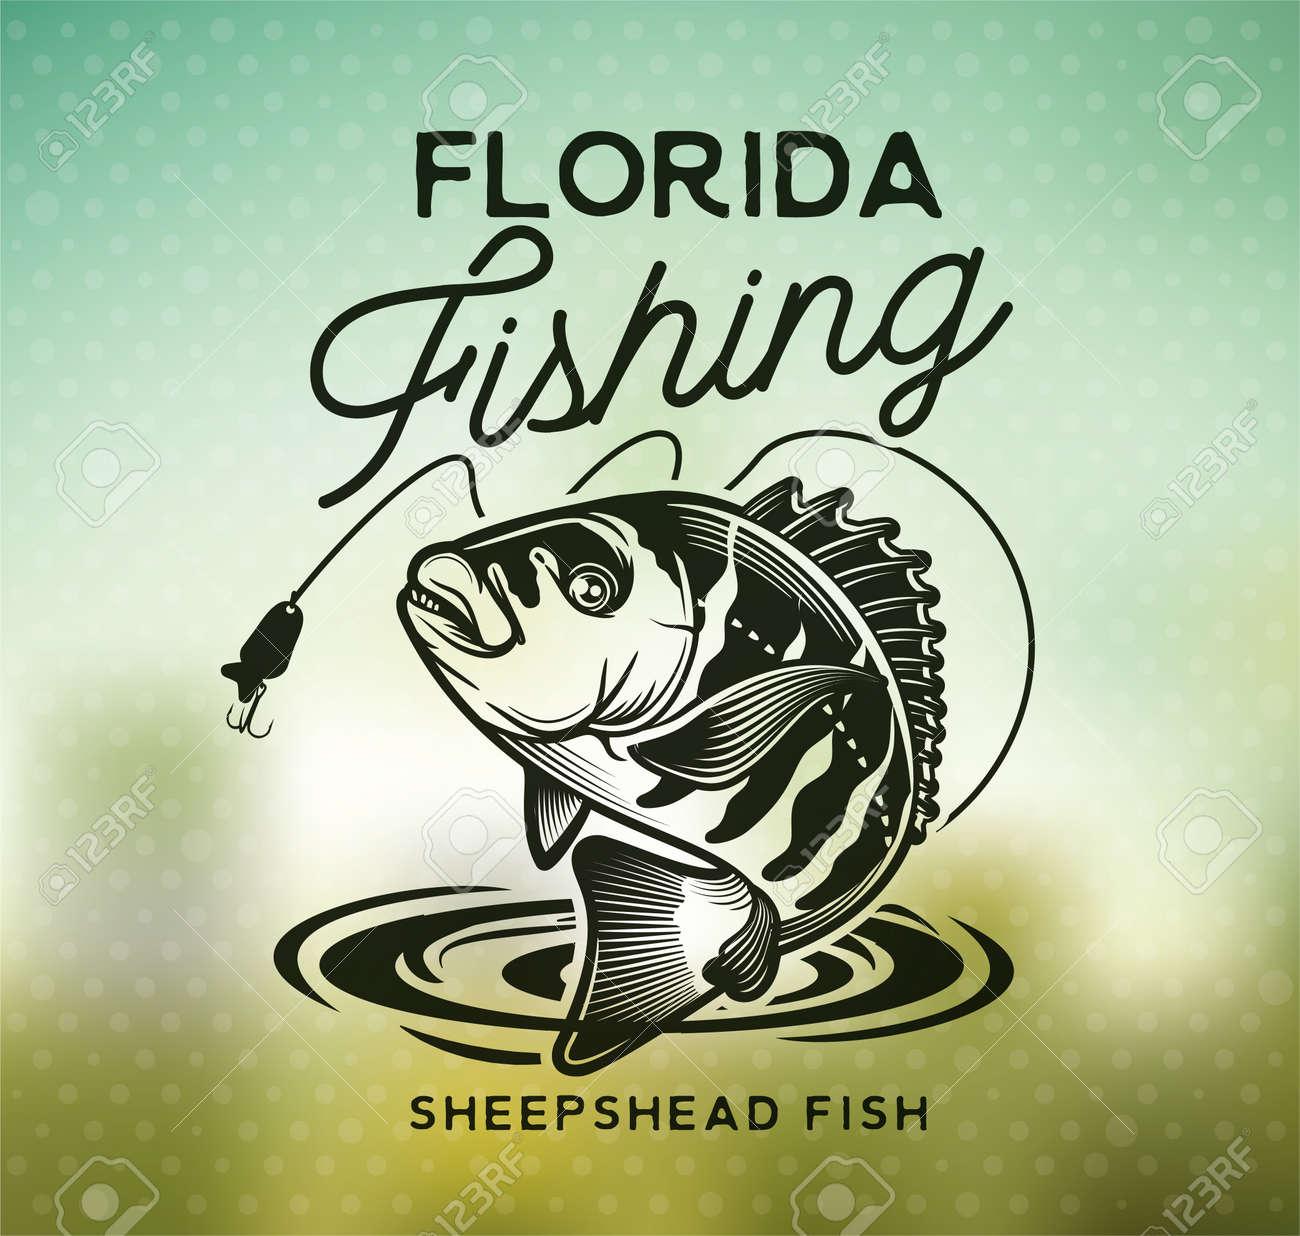 Vintage sheepshead fish emblems. and labels. Vector illustration. - 165690335